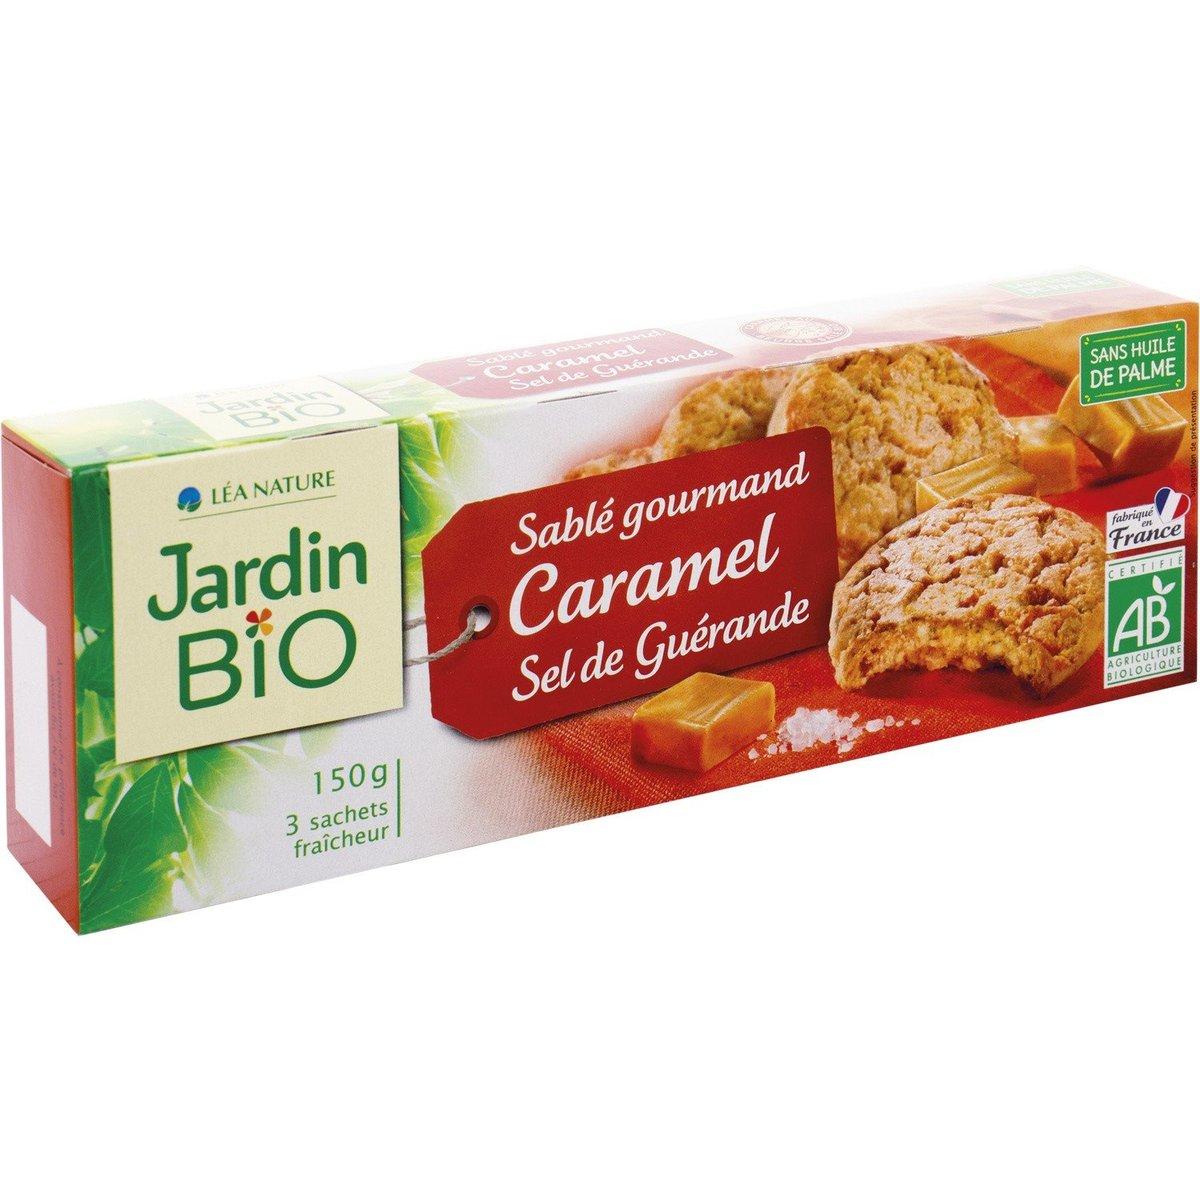 法國直送 - JARDIN BIO - 有機焦糖海鹽 曲奇  - 150g